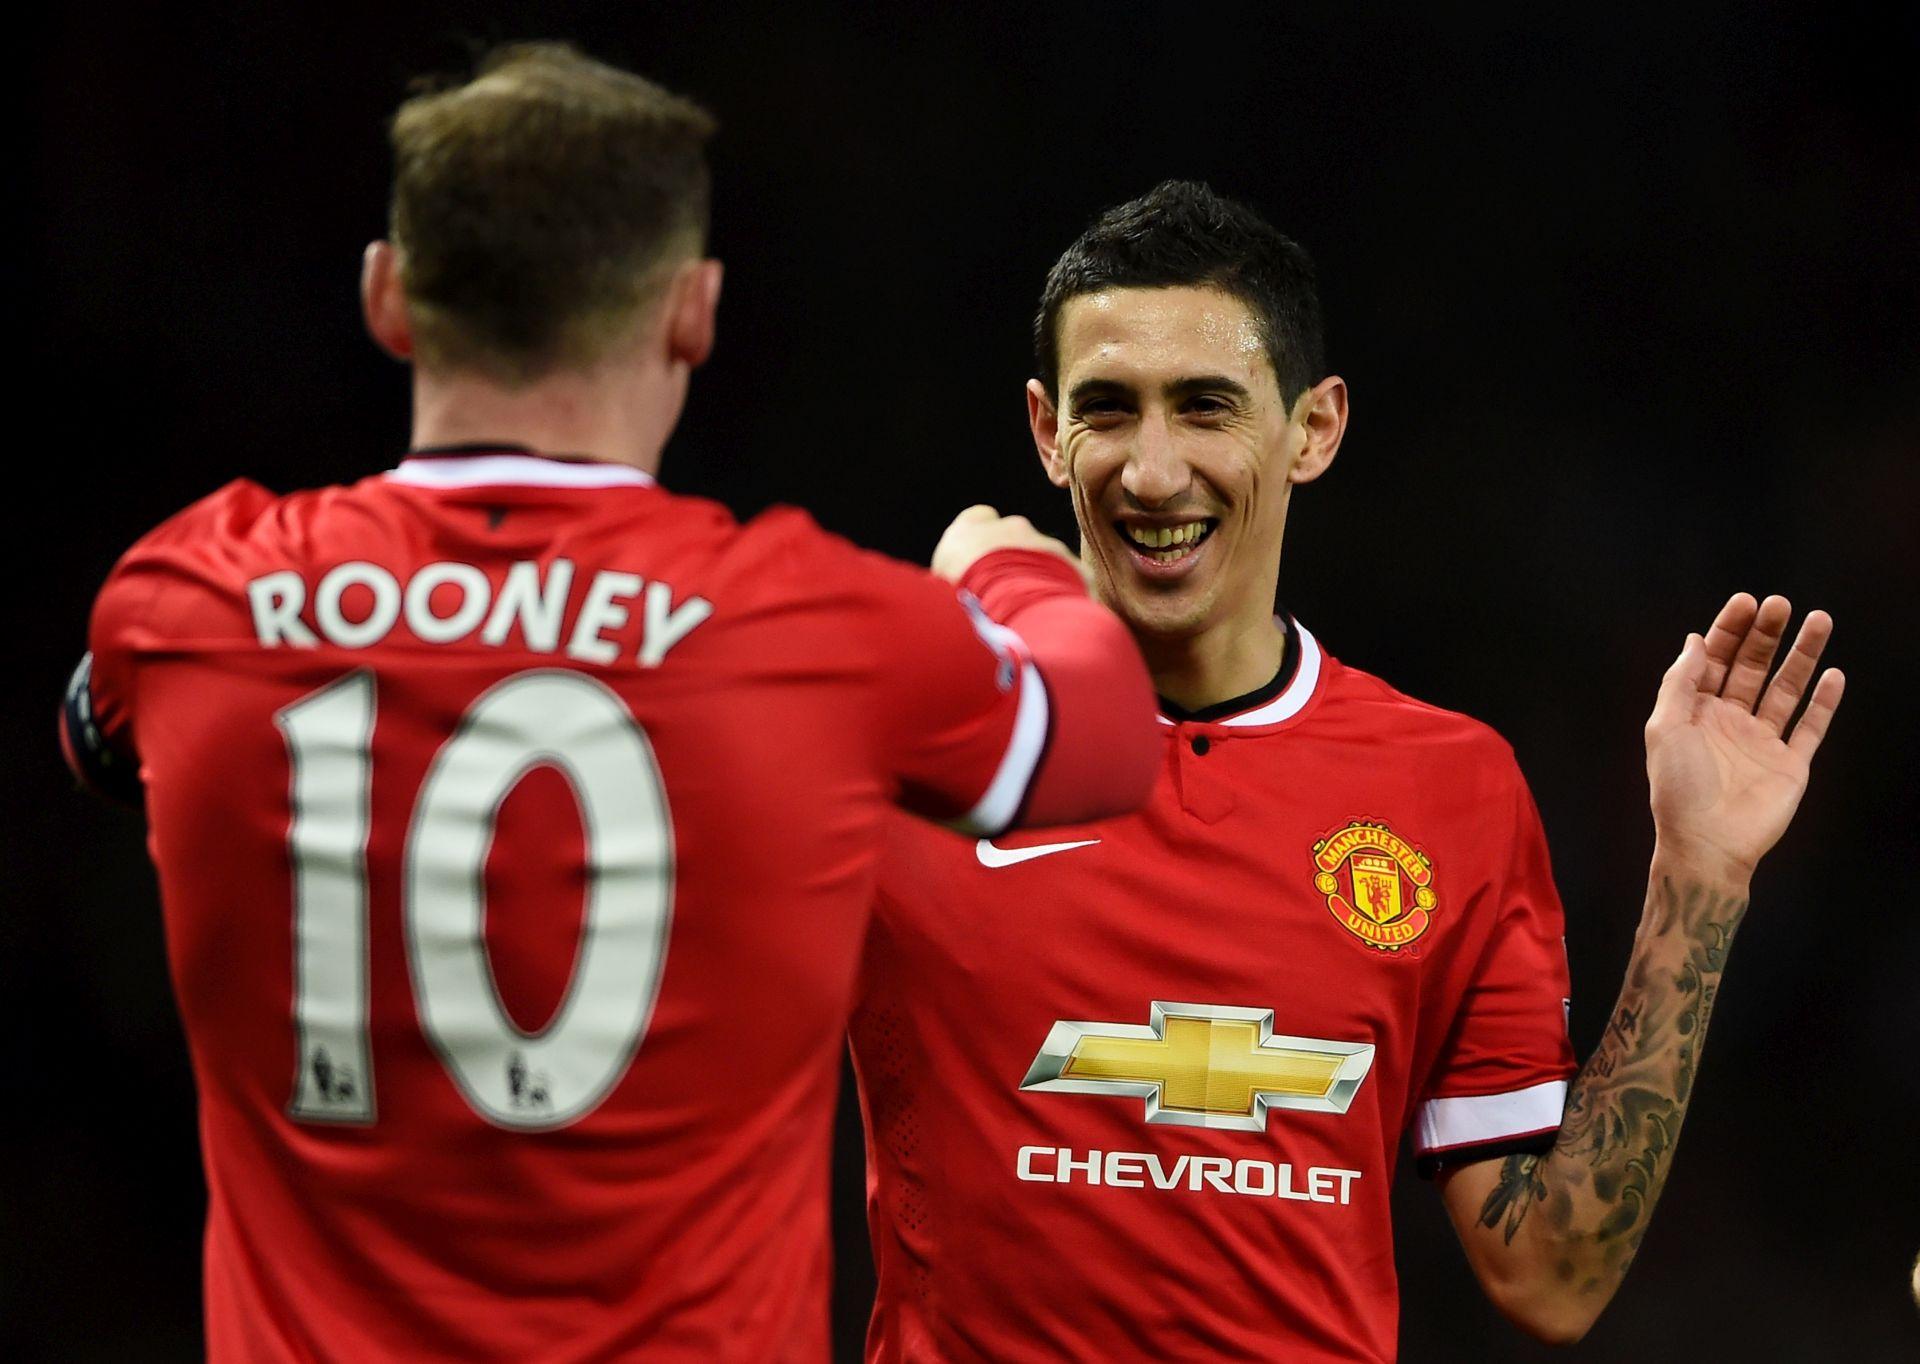 Rooney najbolji strijelac u povijesti Manchester Uniteda